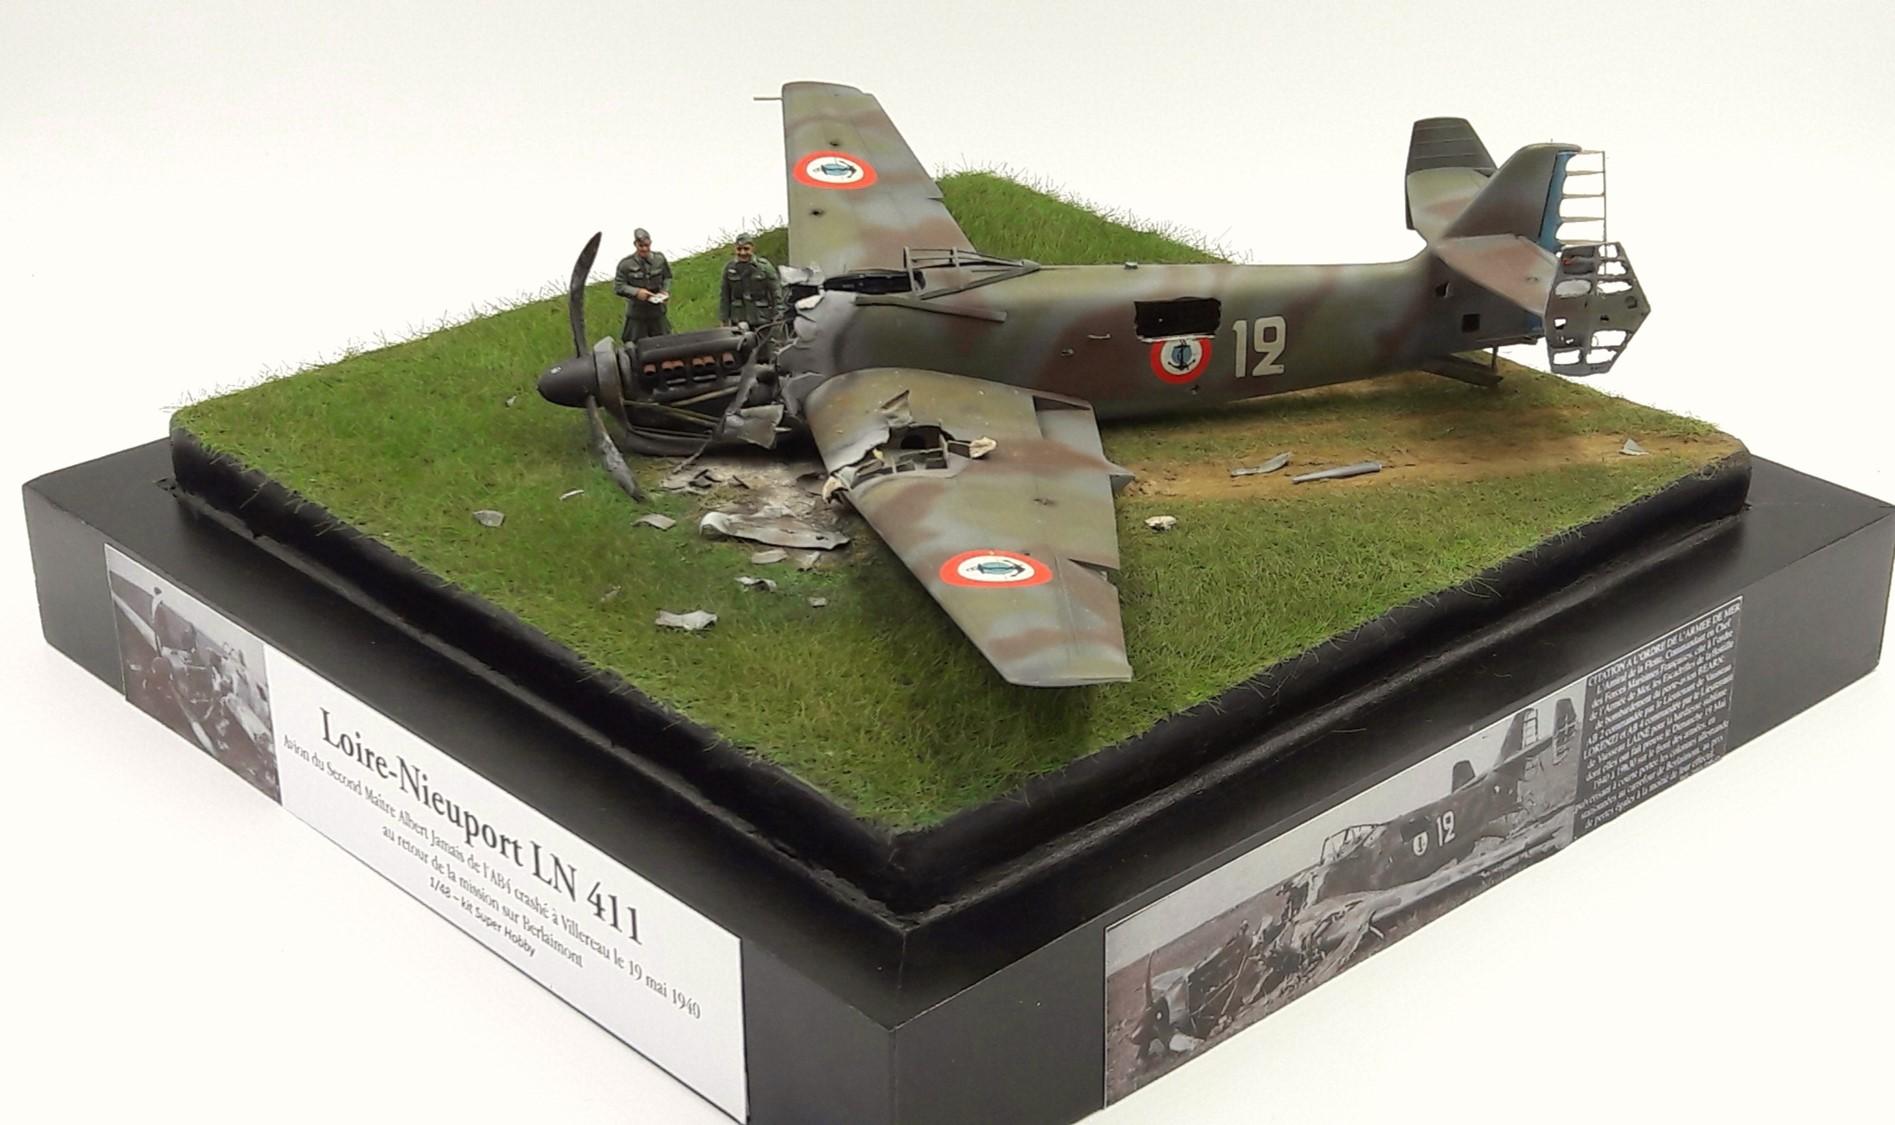 [Concours Aéronavale] Loire Nieuport 401/411 -  Special hobby 1/48 - crash à Villereau -le sacrifice des marins aviateurs du 19 mai 1940 - Mission Berlaimont  Image113